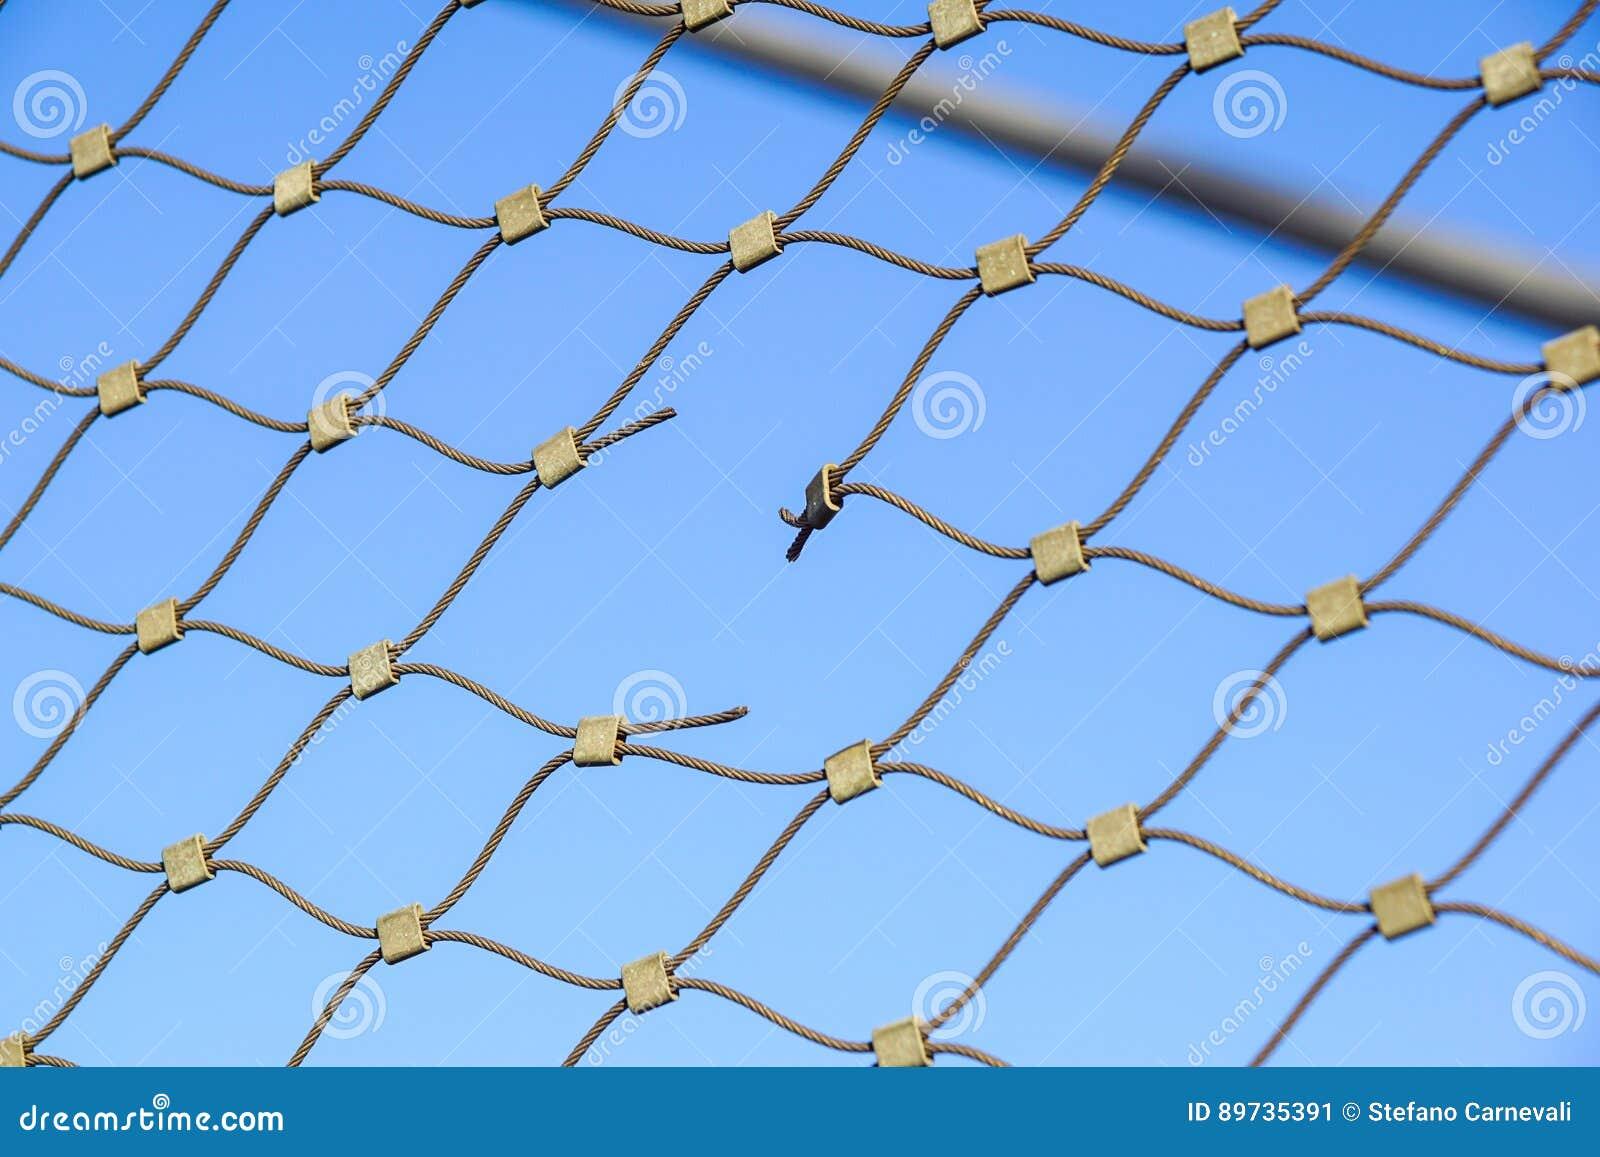 metalldraht-zaunschutz chainlink hintergrund stockbild - bild von